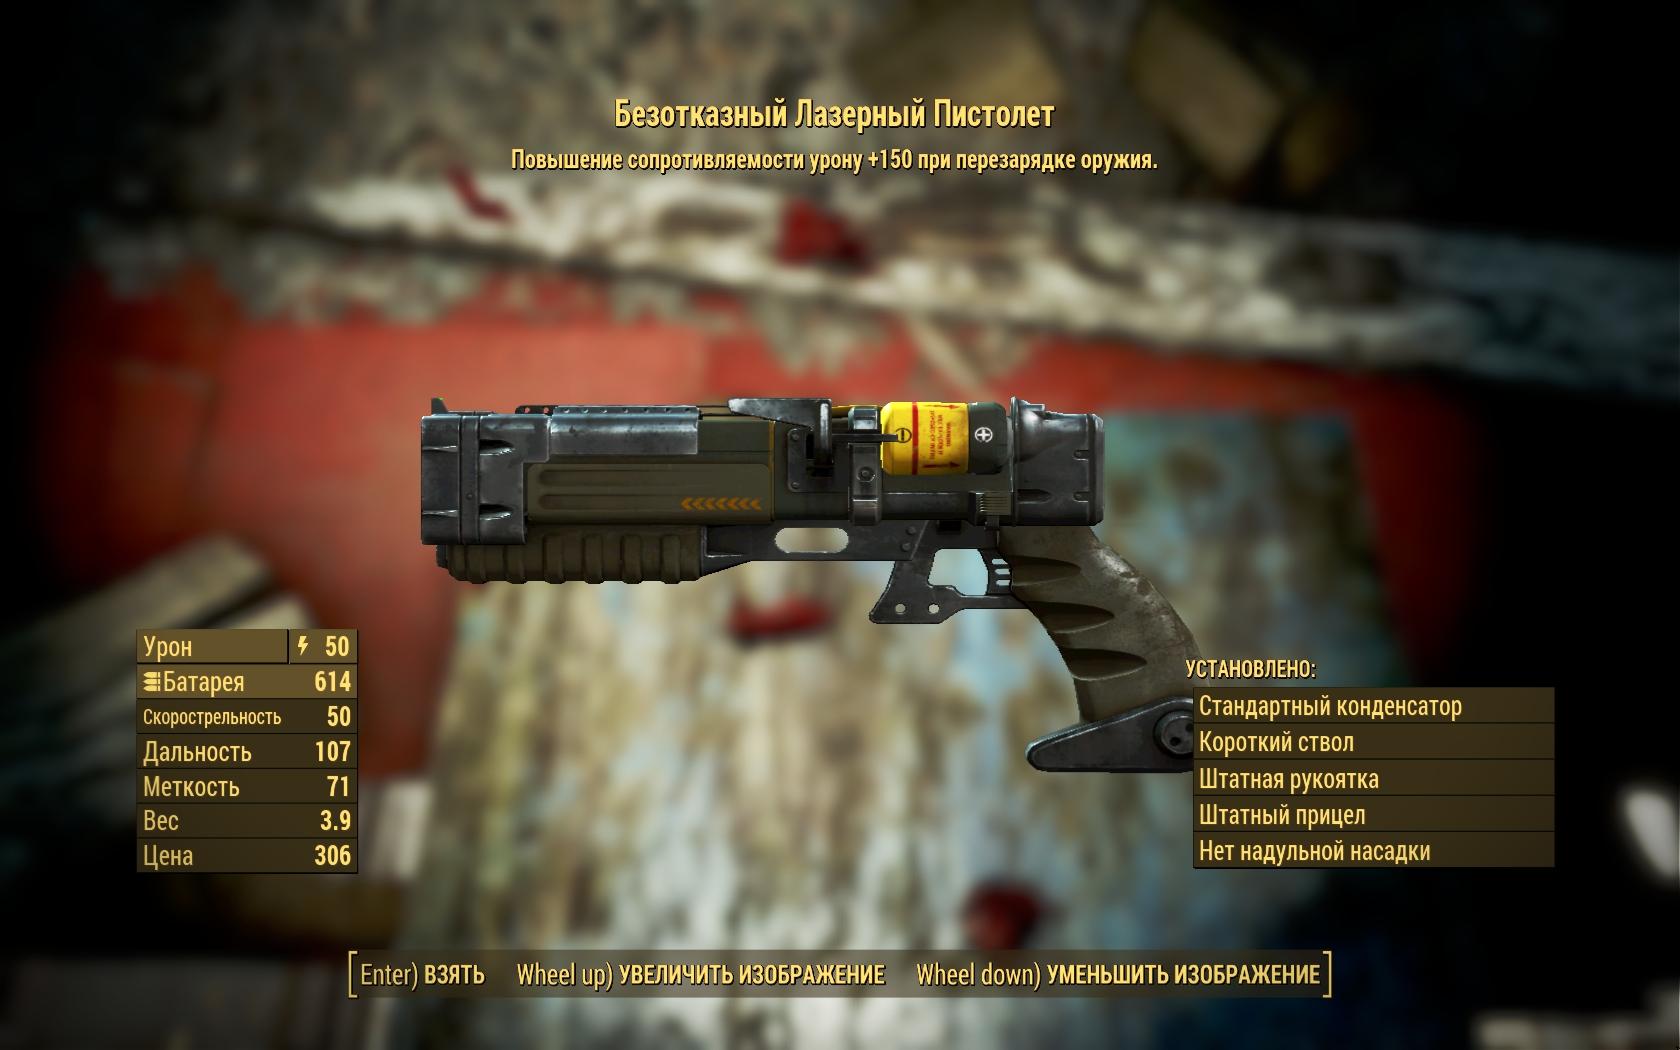 Безотказный лазерный пистолет - Fallout 4 Оружие